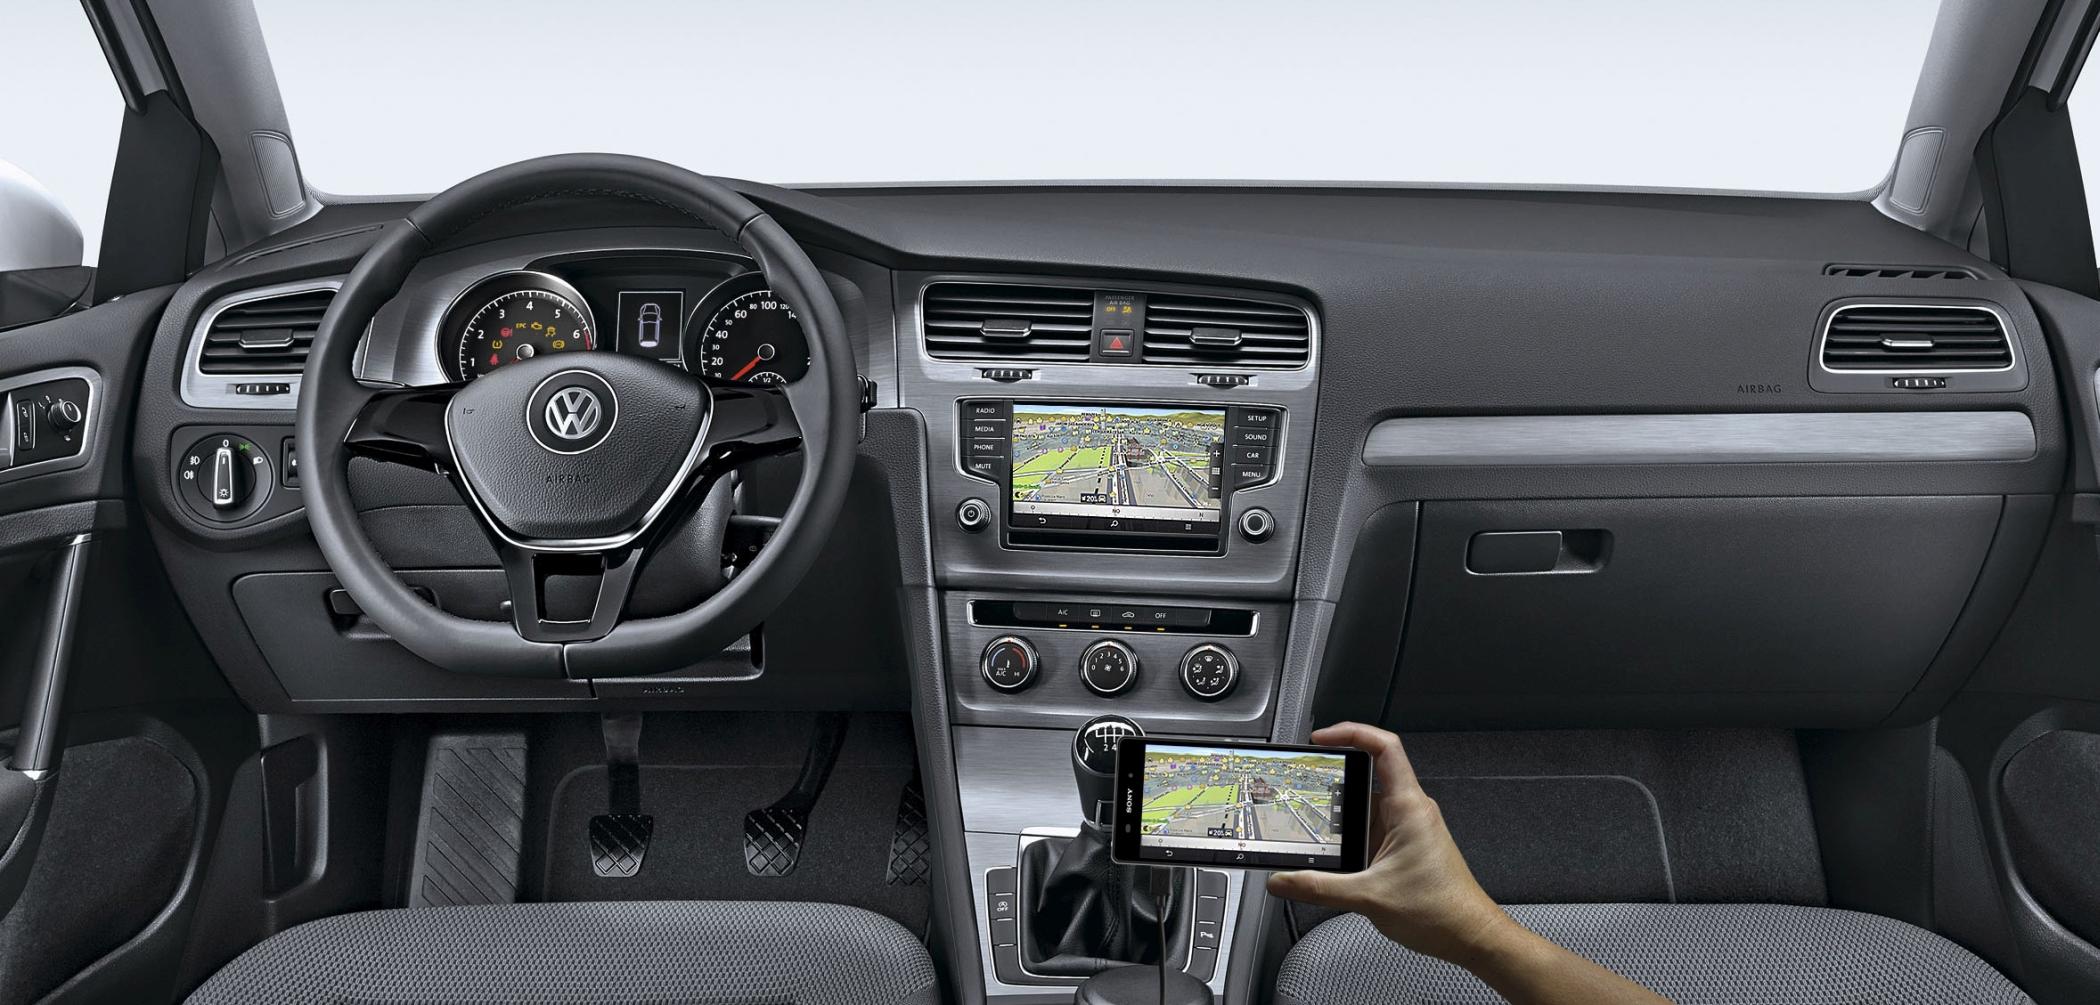 VW Golf 1.0 TSI: interior é o mesmo do restante da linha